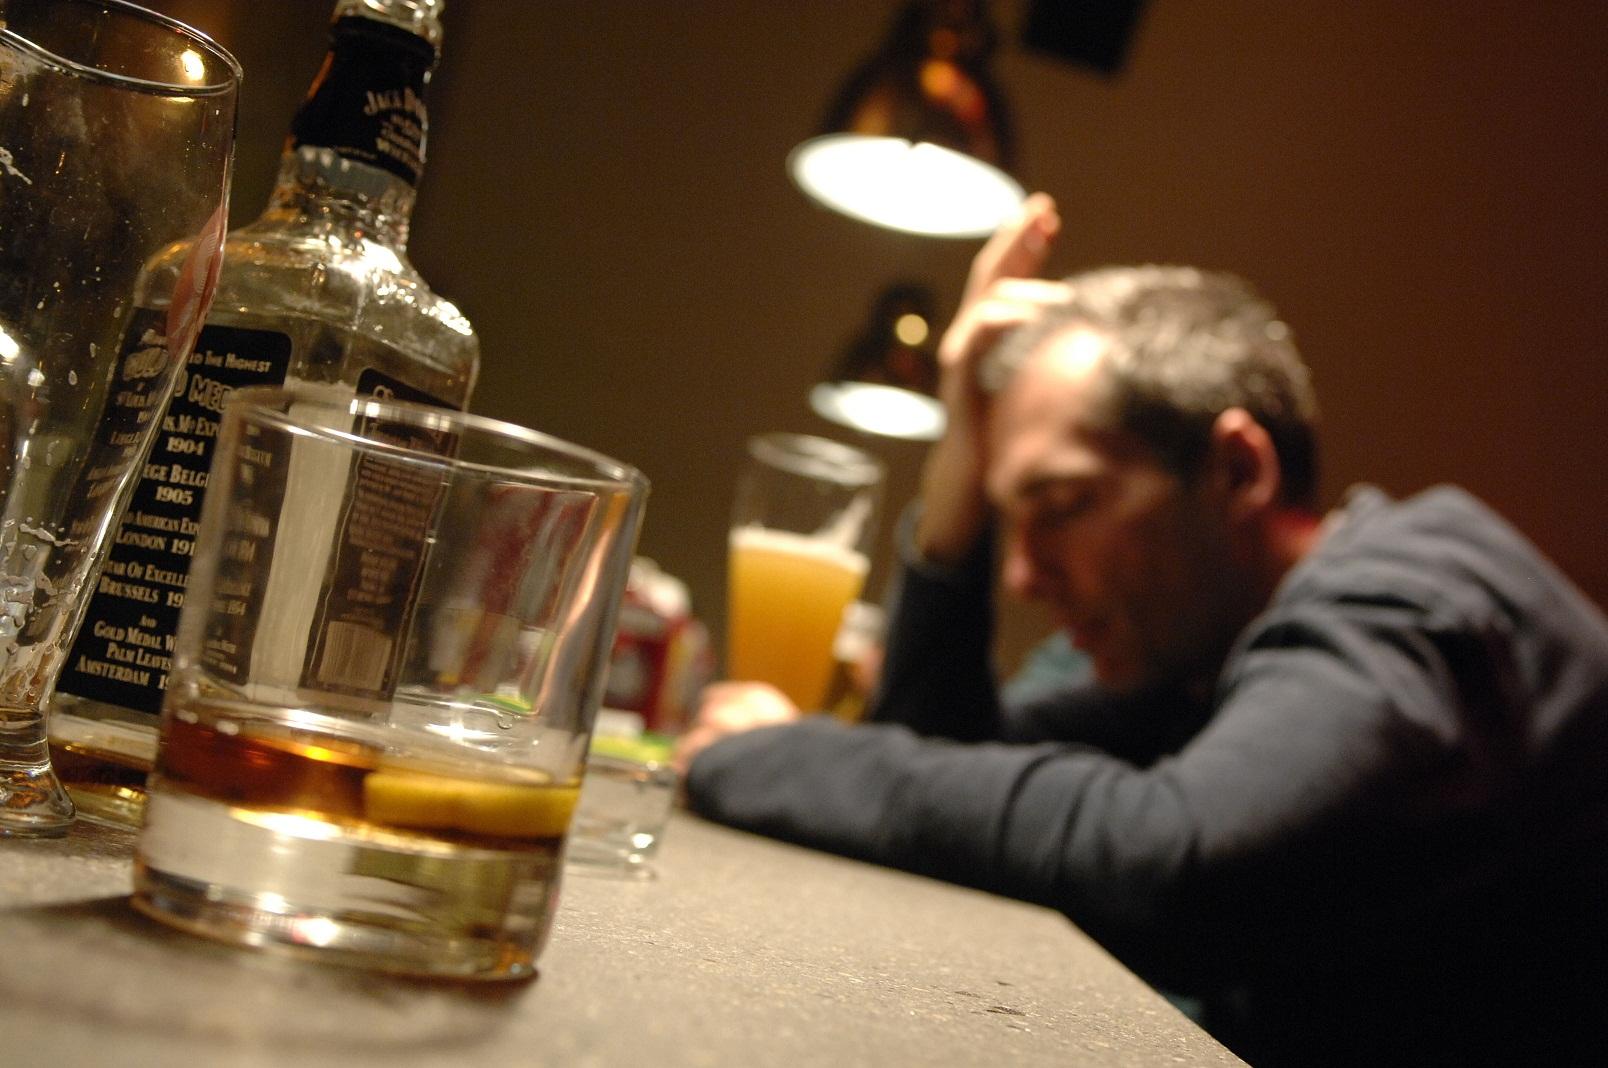 Se tossicomane di moglie e alcolizzato